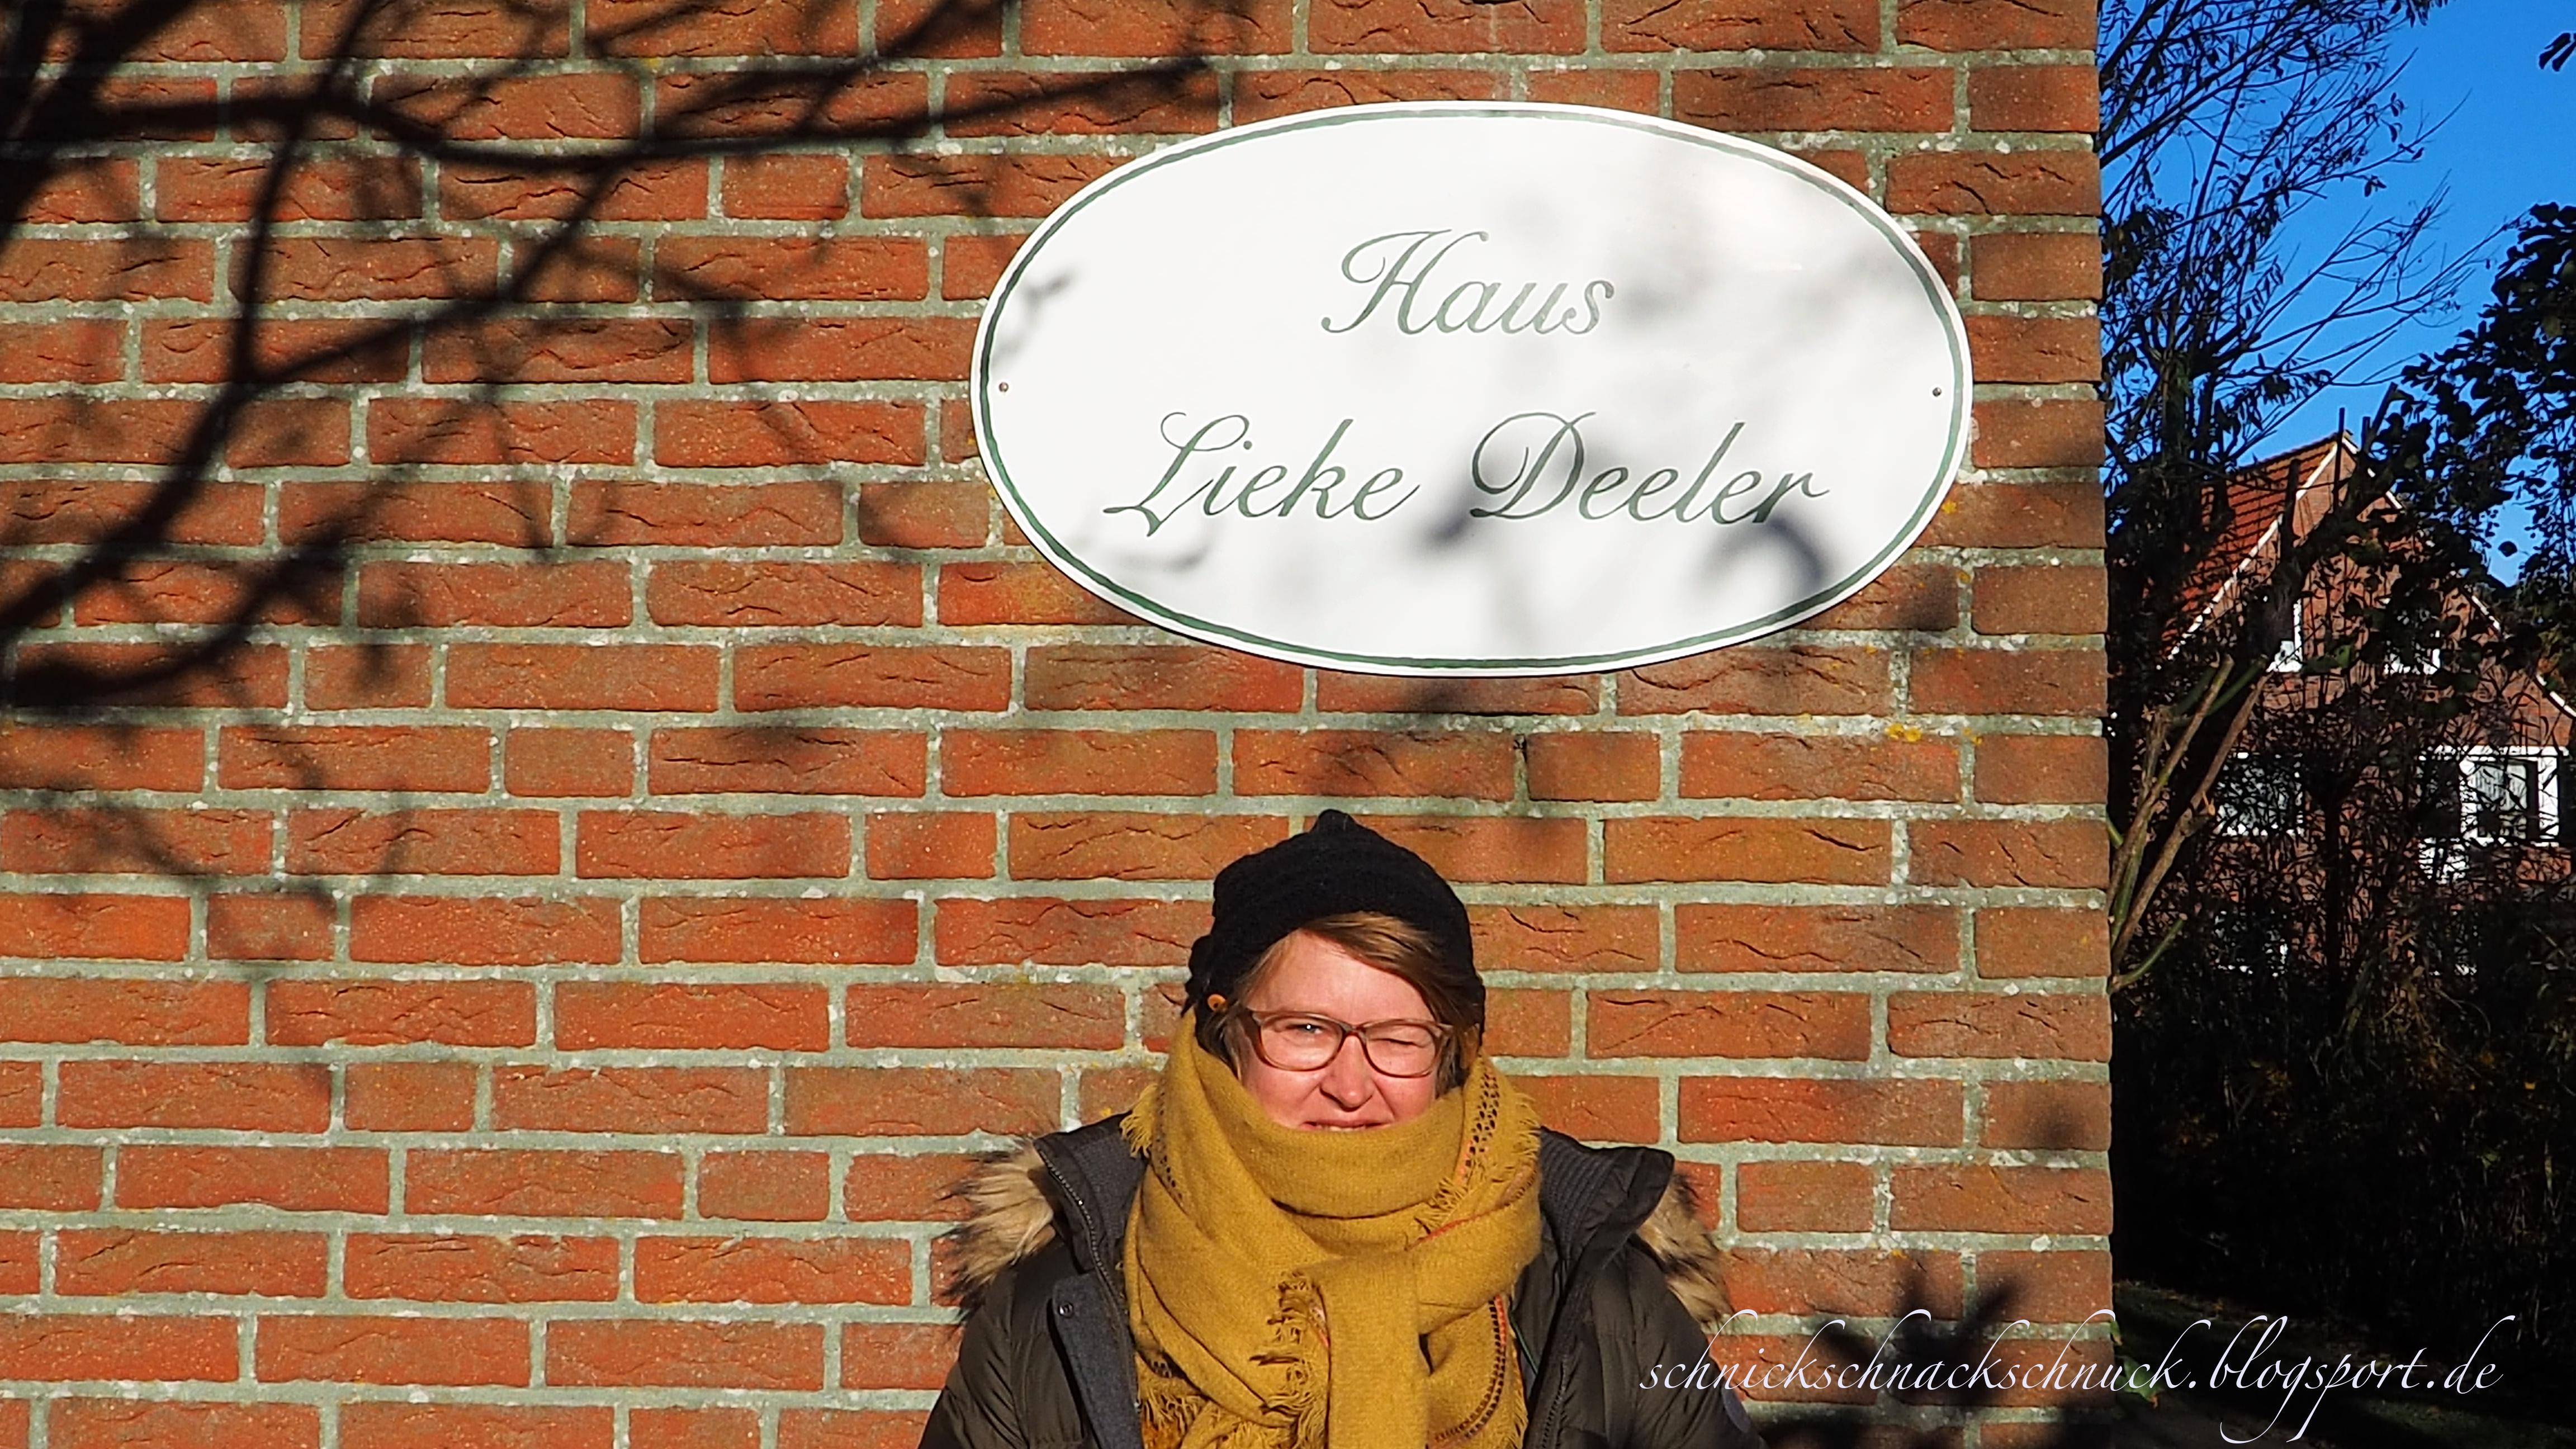 Haus Lieke Deeler, Spiekeroog